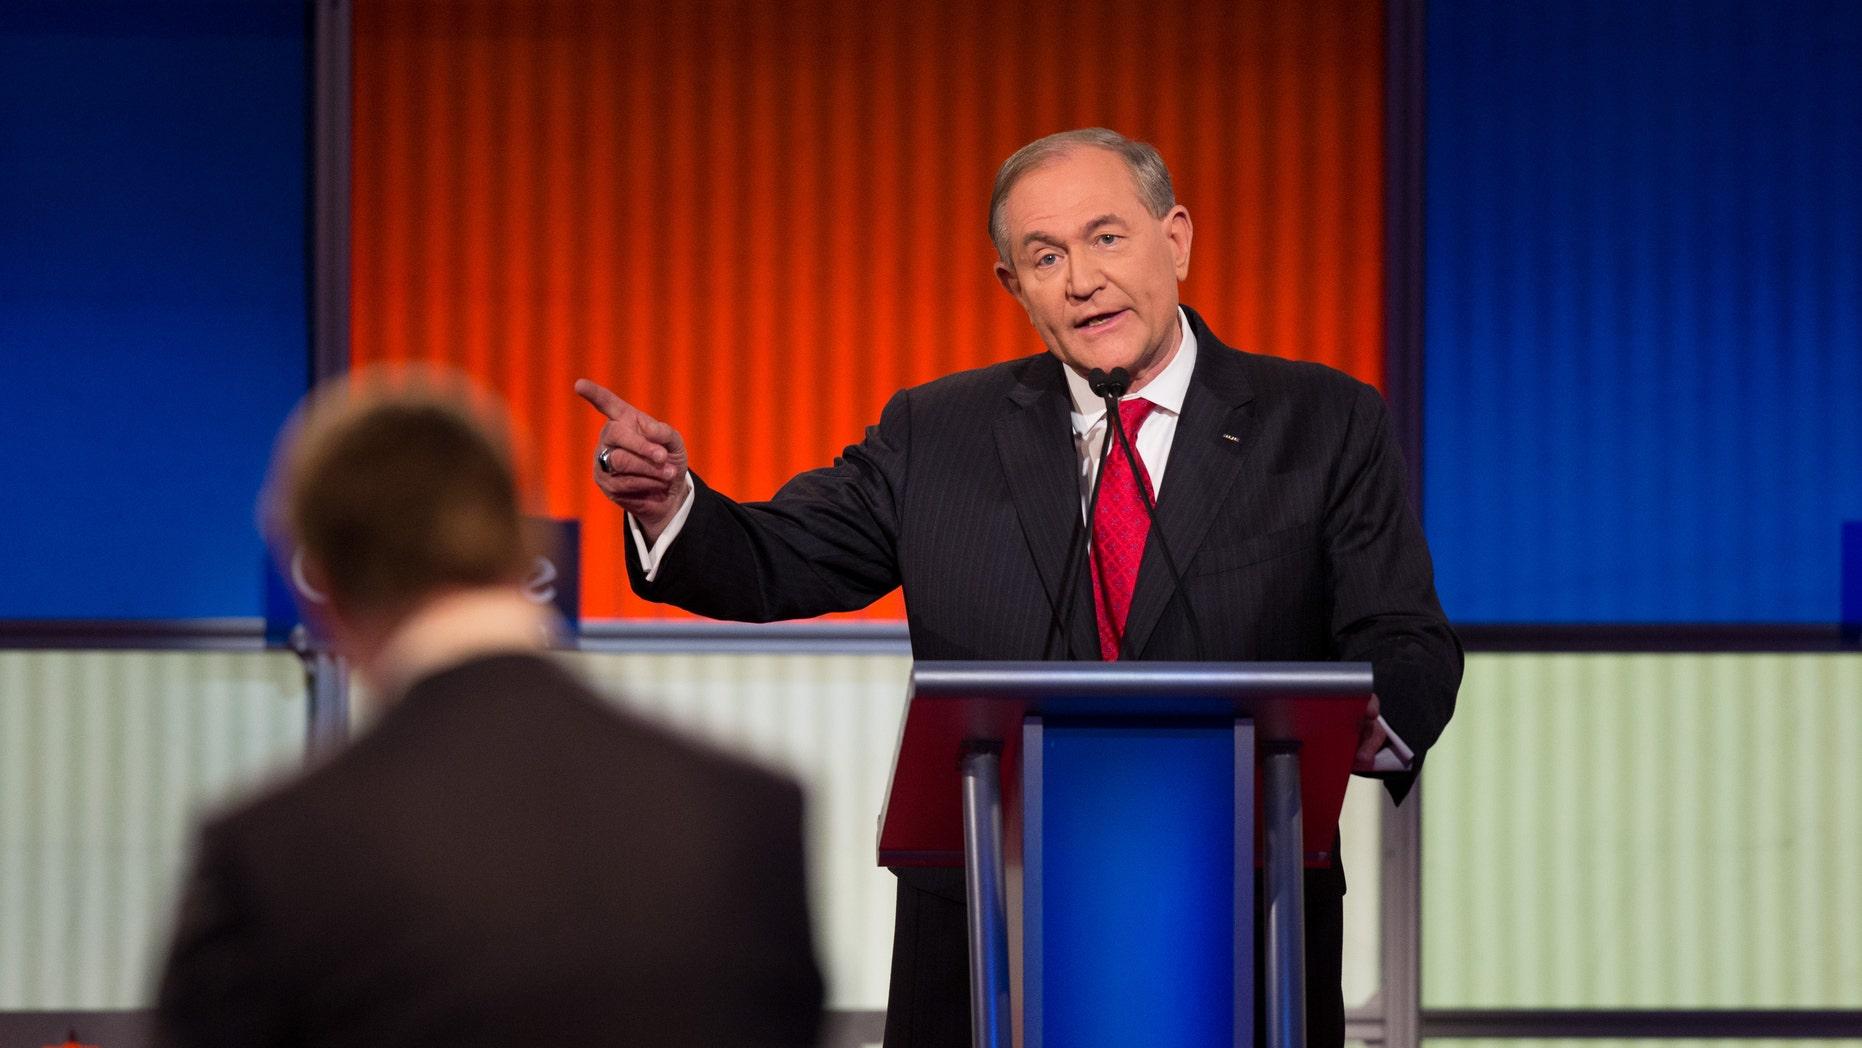 The Fox News republican debate Thursday, Jan. 28, 2016, at the Iowa Events Center in Des Moines, Iowa. Scott Morgan/Fox News